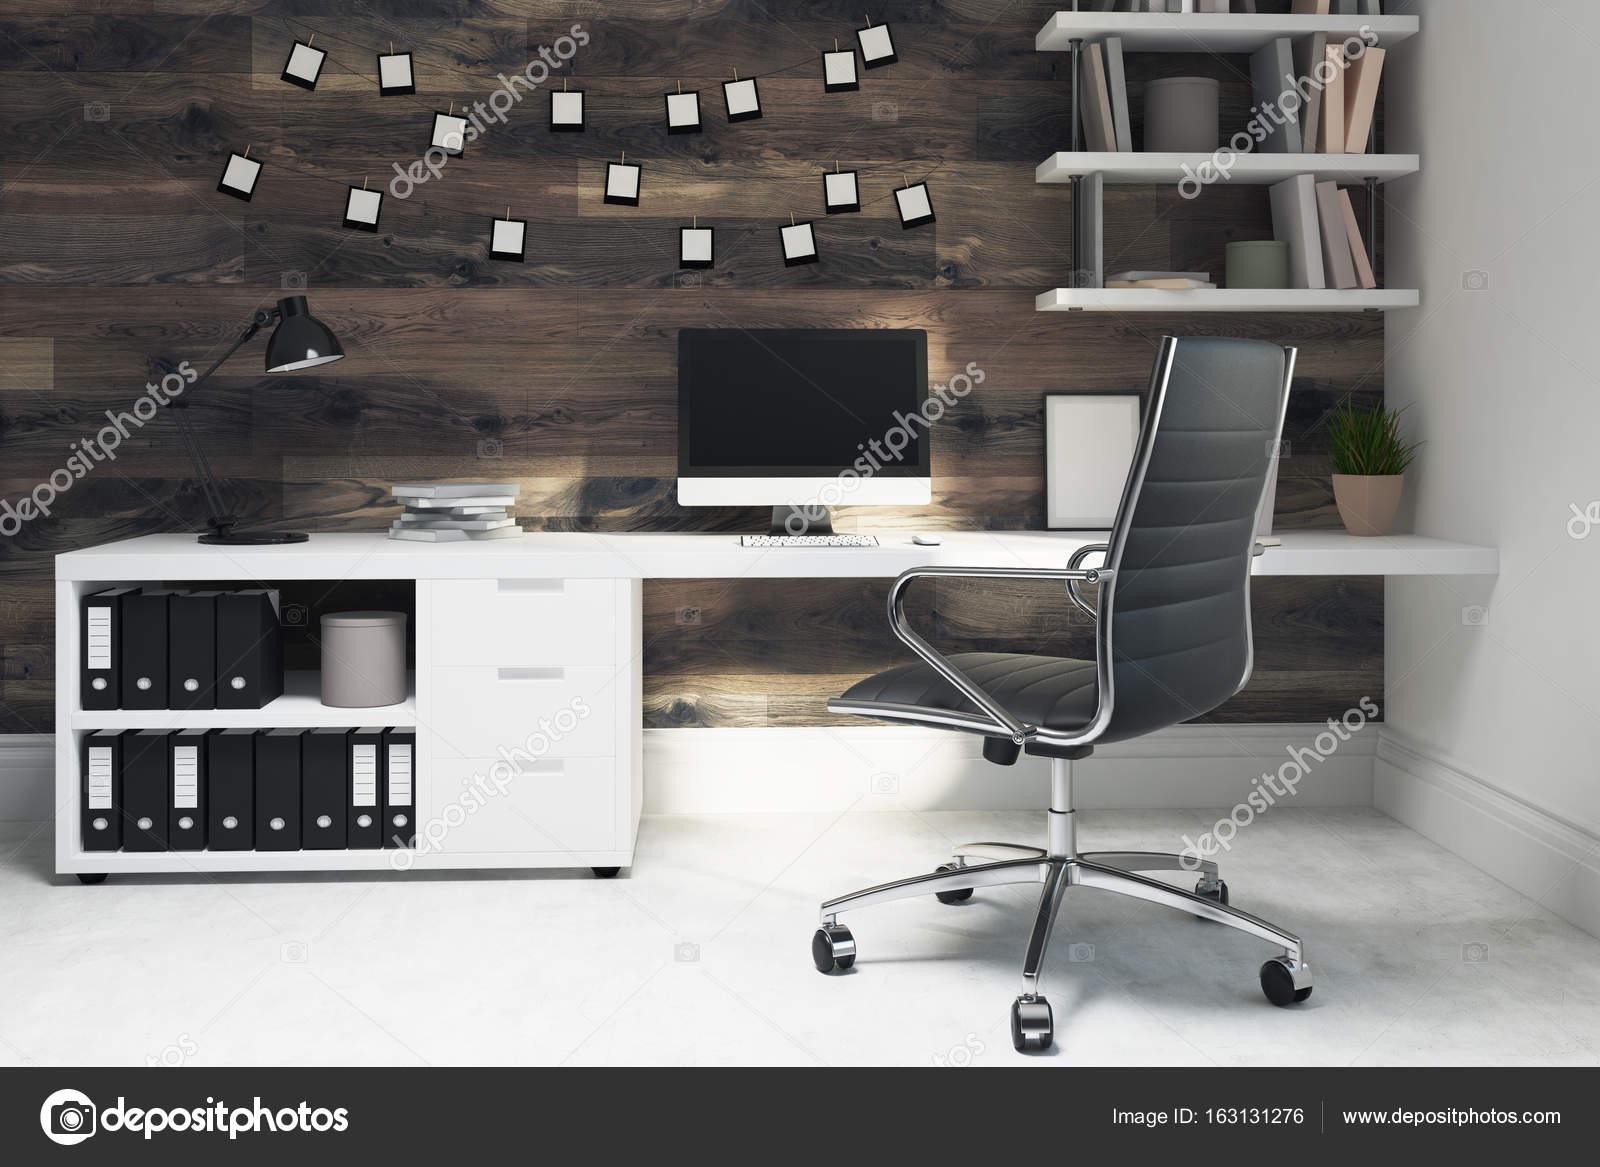 Chaise de bureau maison en bois foncé noir côté u photographie